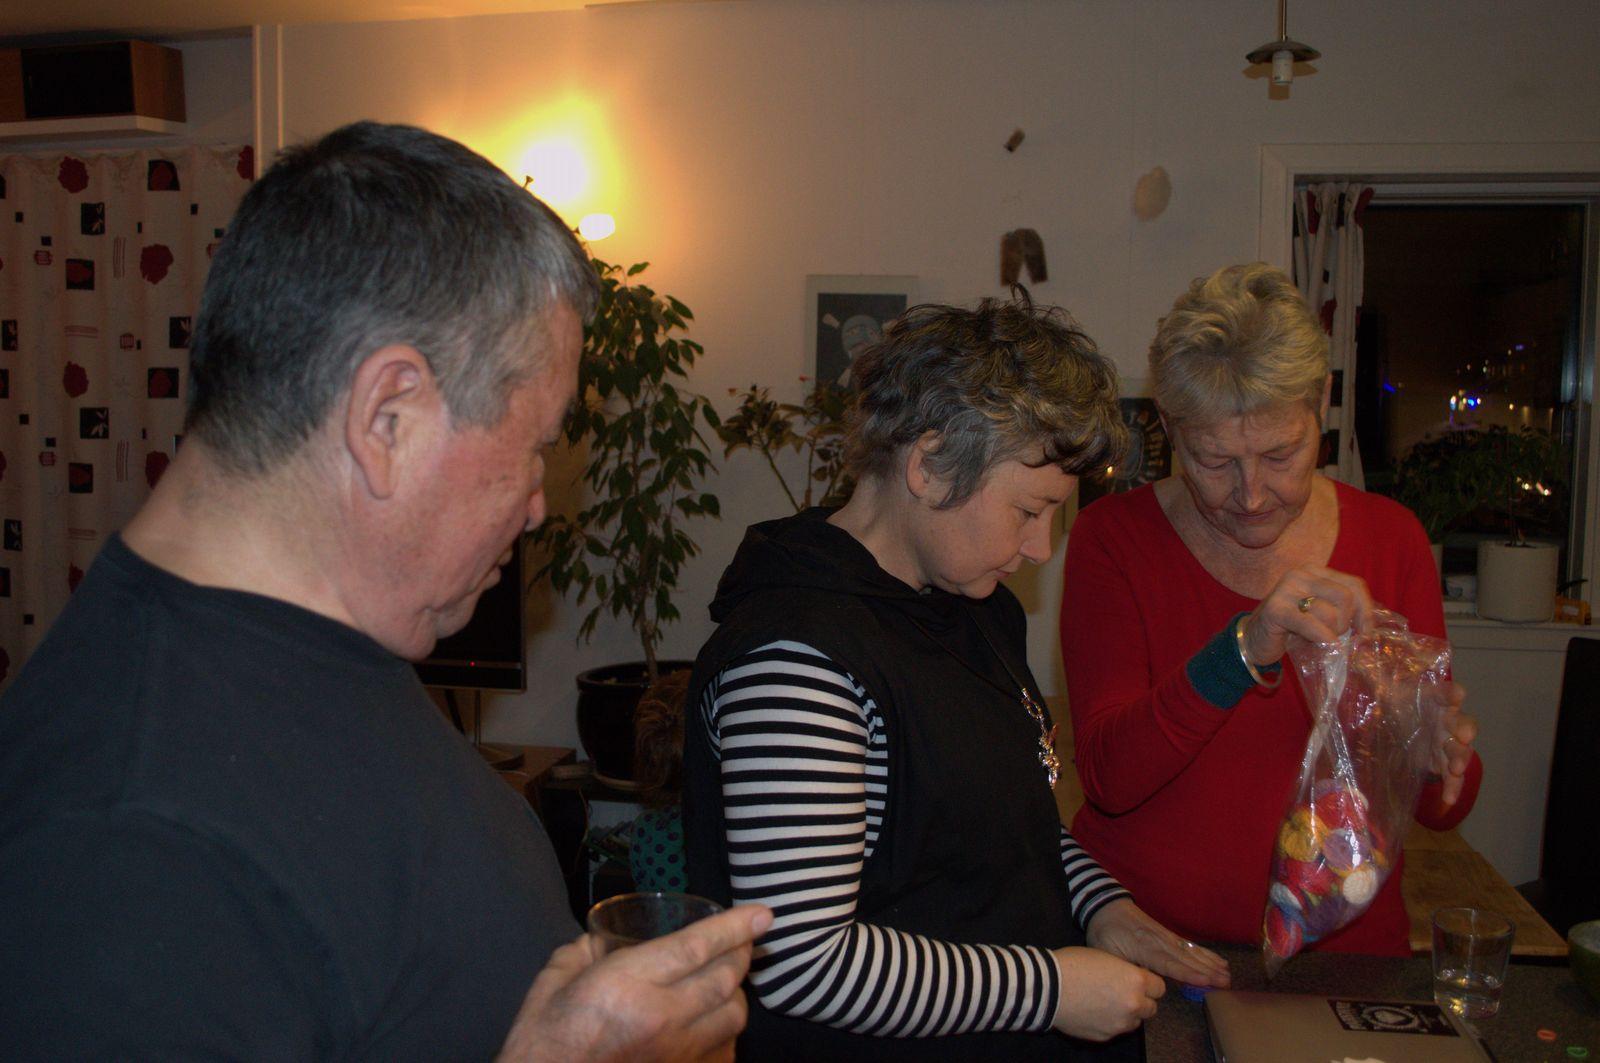 2014-12-21-1753_-_Joergen-Labansen_Met